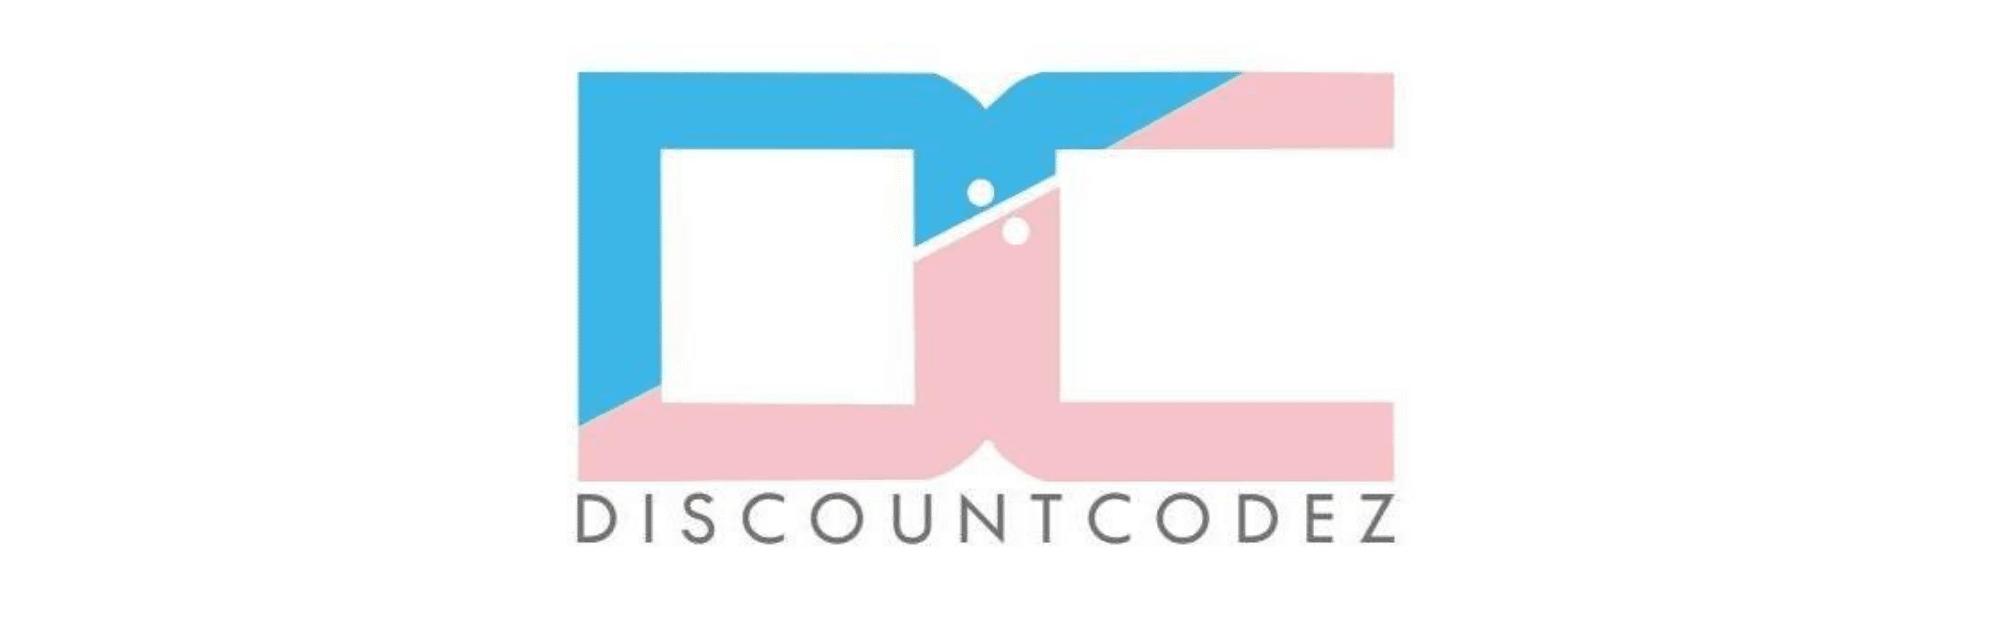 Discount codez logo